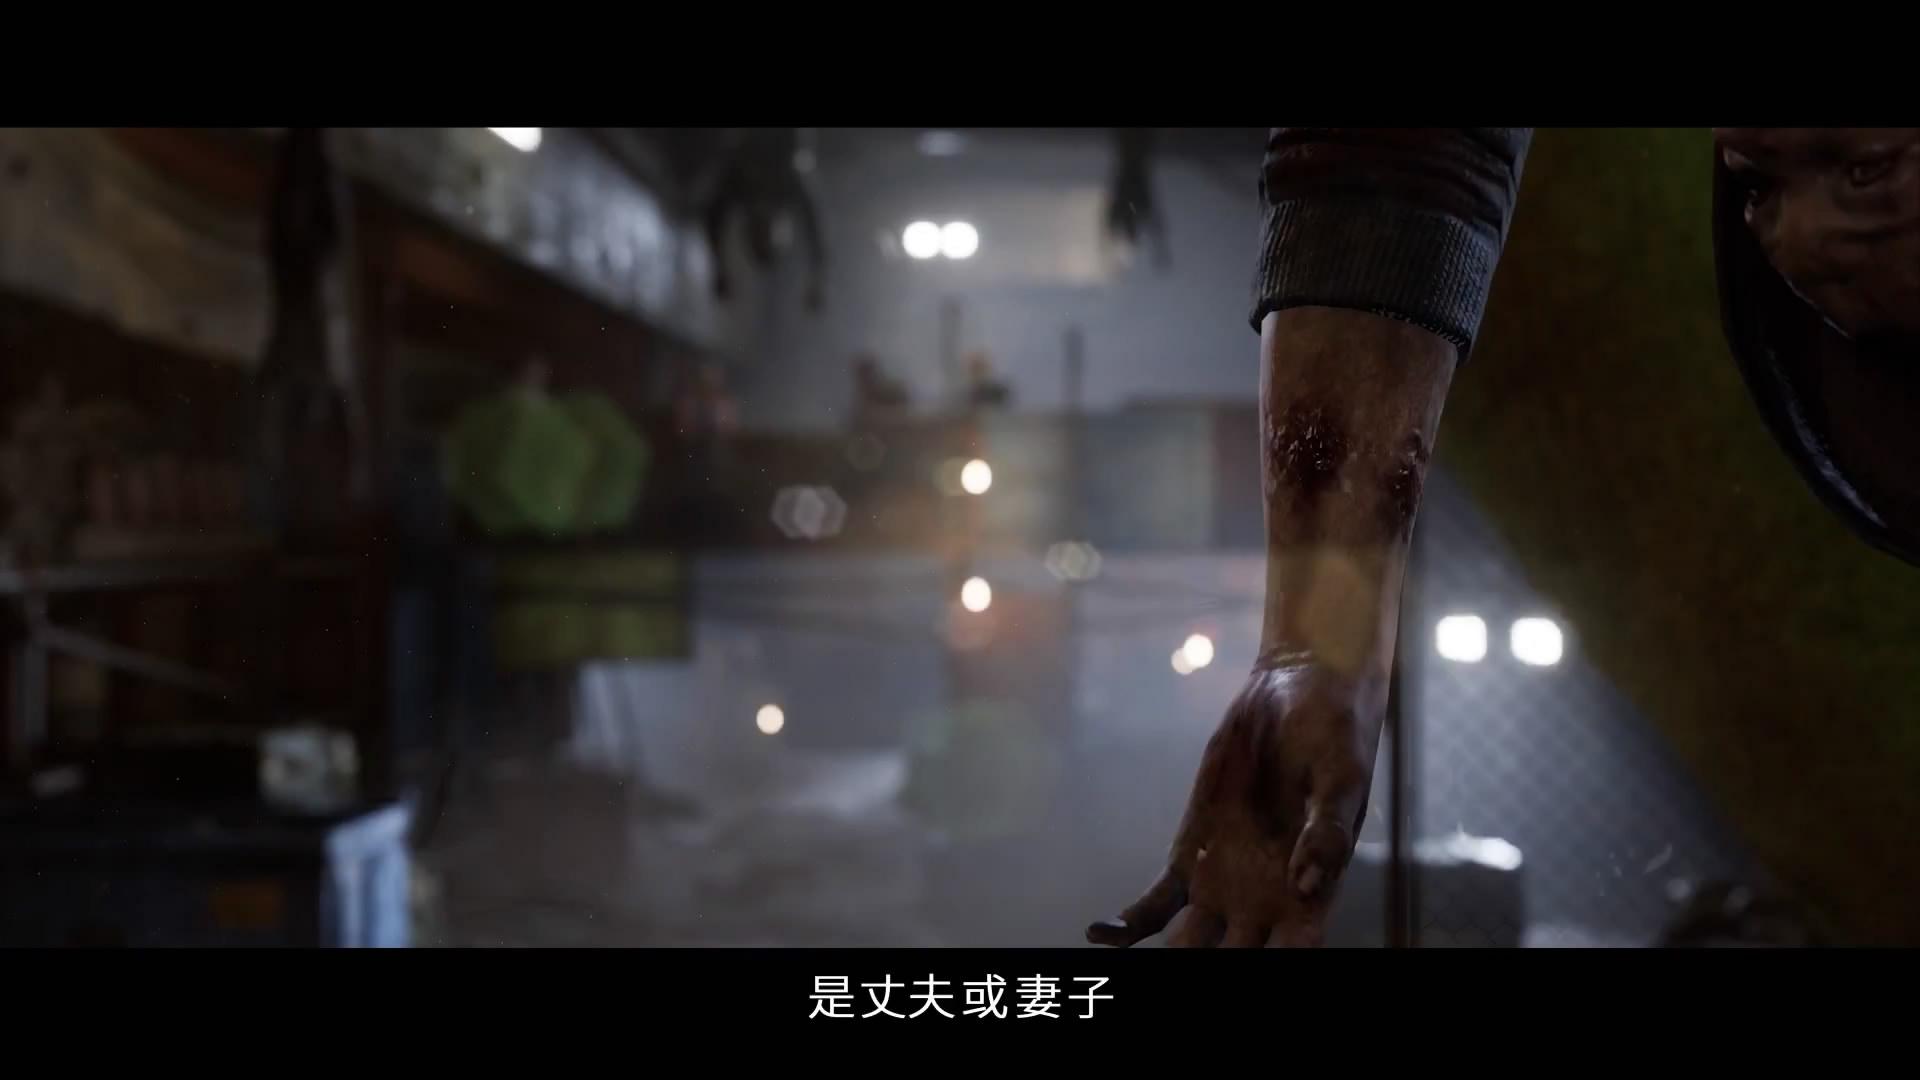 《超杀:行尸走肉》主机版中文预告 2019年2月7日发售